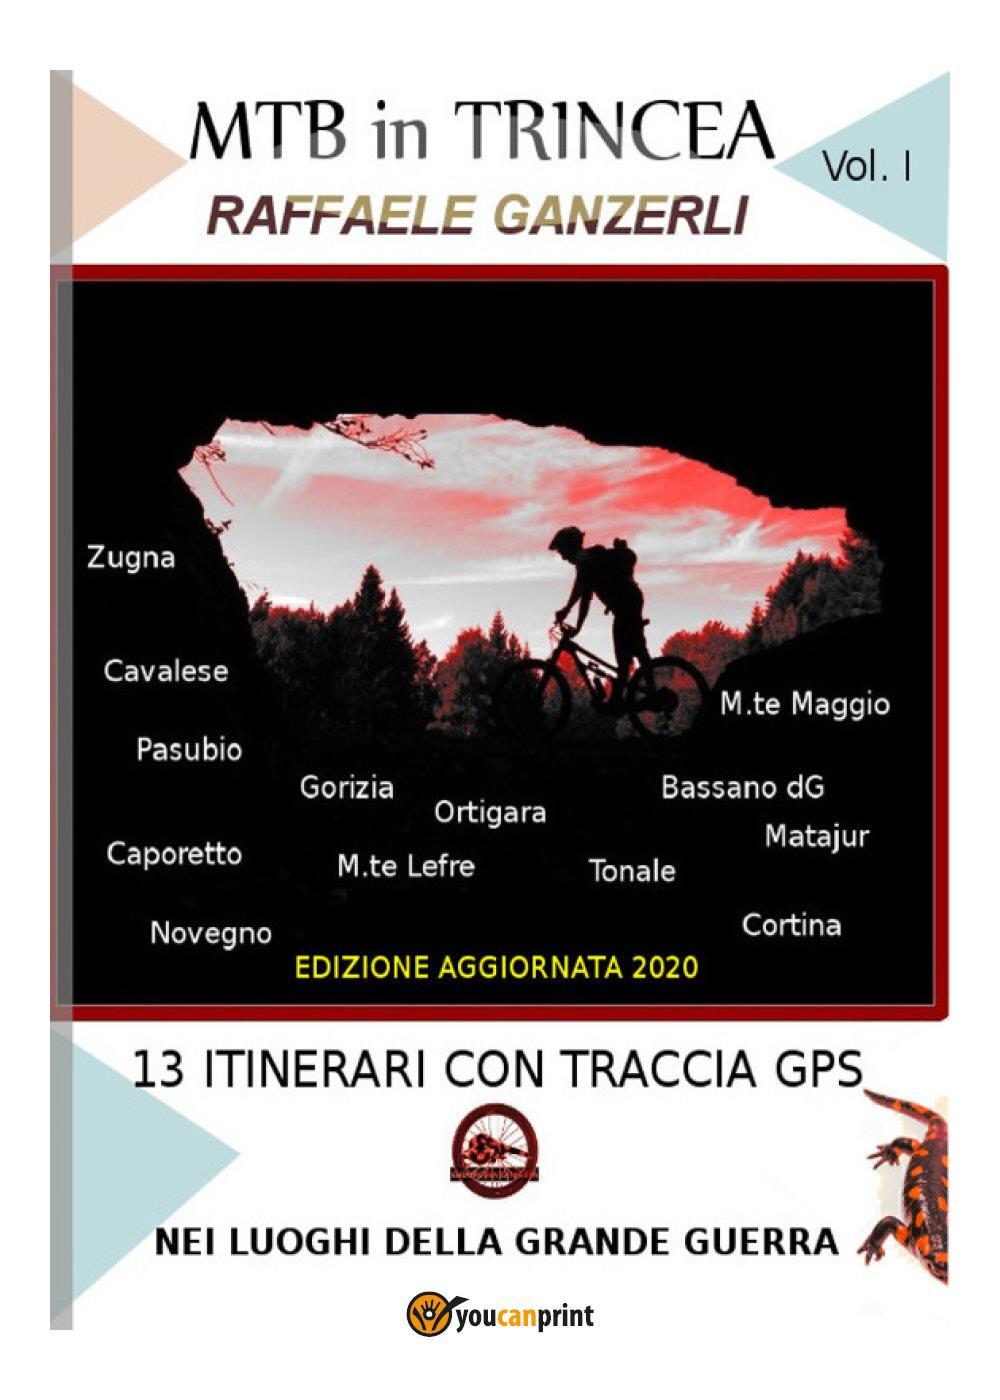 MTB in trincea. 13 itinerari sul fronte della grande guerra in Italia: Cortina, Bassano, Ortigara, Pasubio...